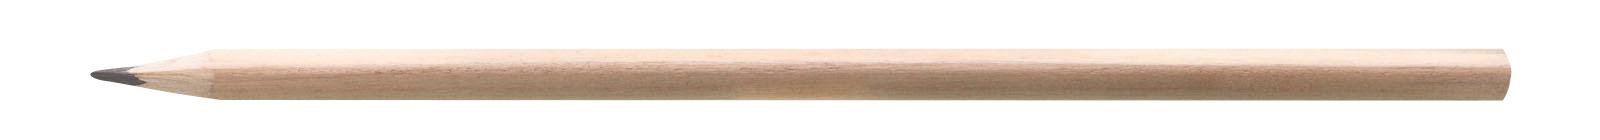 Tužka hrocená, dlouhá, trojhranná TRIA